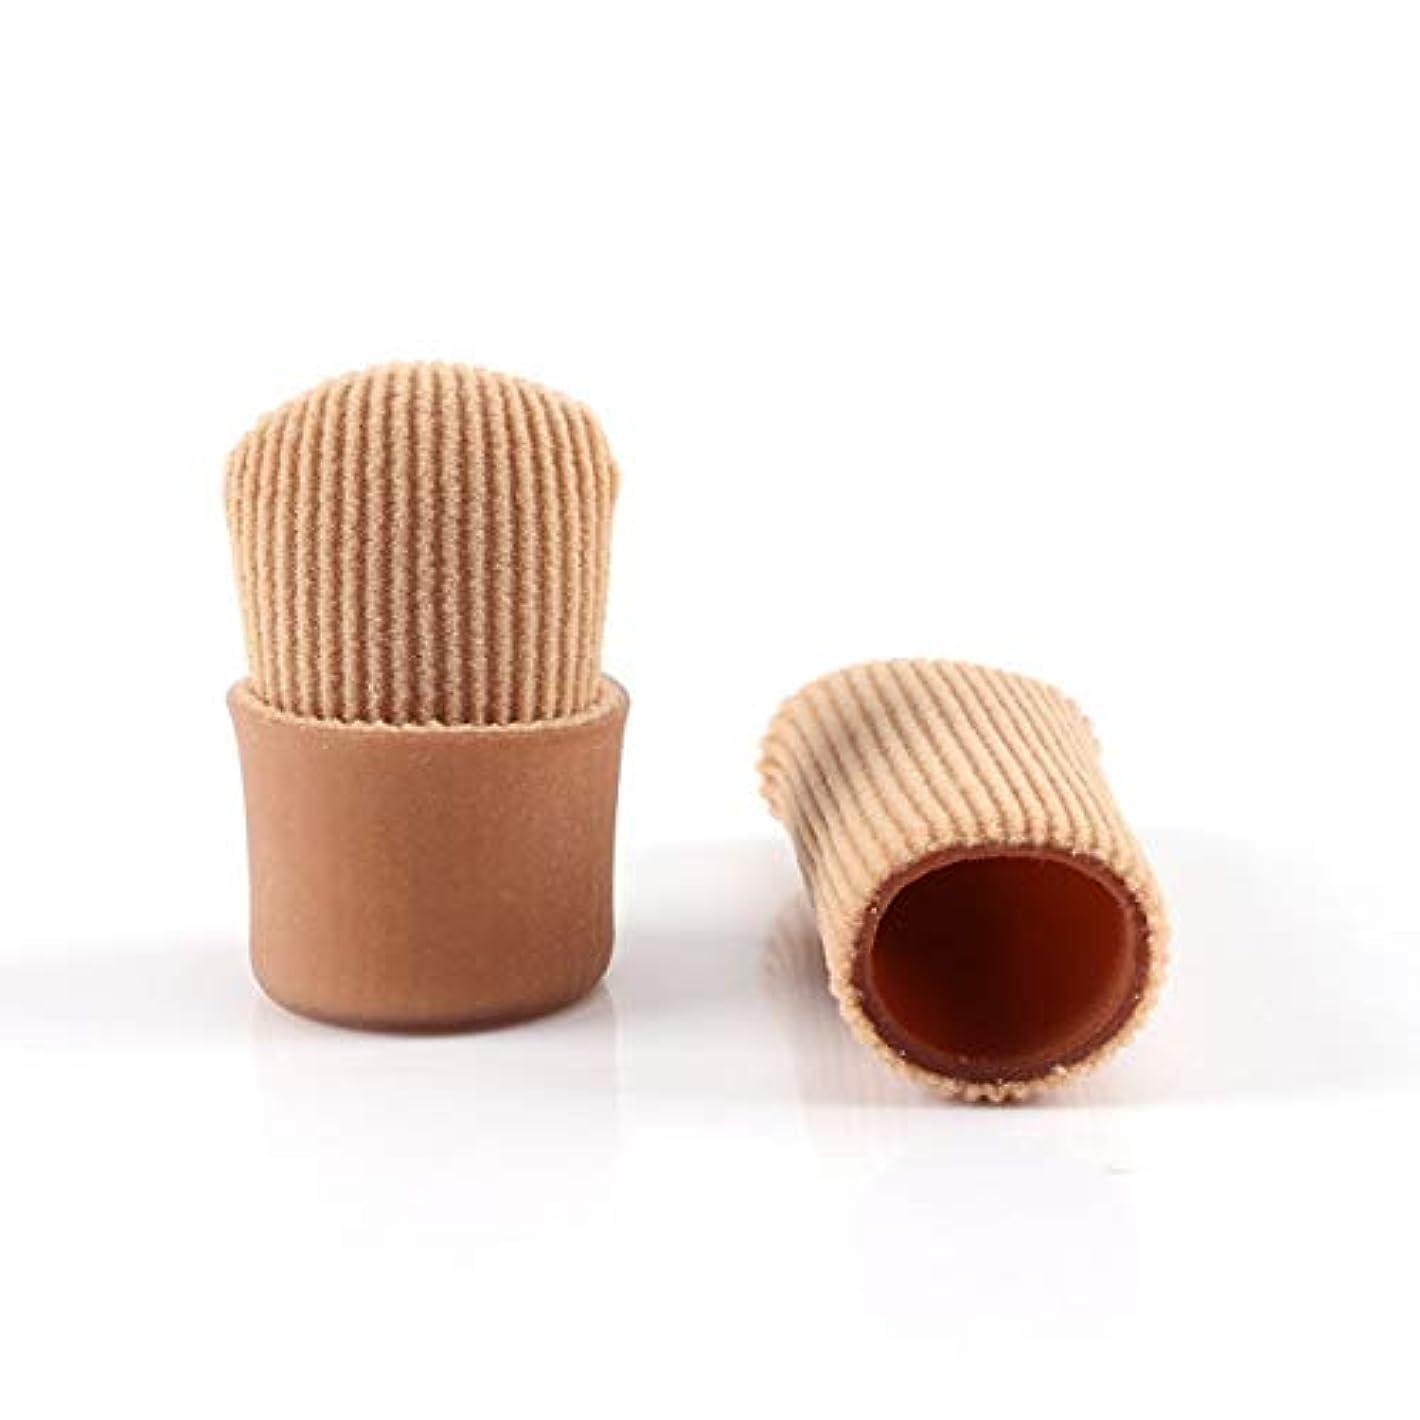 戦闘反乱裁判官Open Toe Tubes Gel Lined Fabric Sleeve Protectors To Prevent Corns, Calluses And Blisters While Softening Soothing...